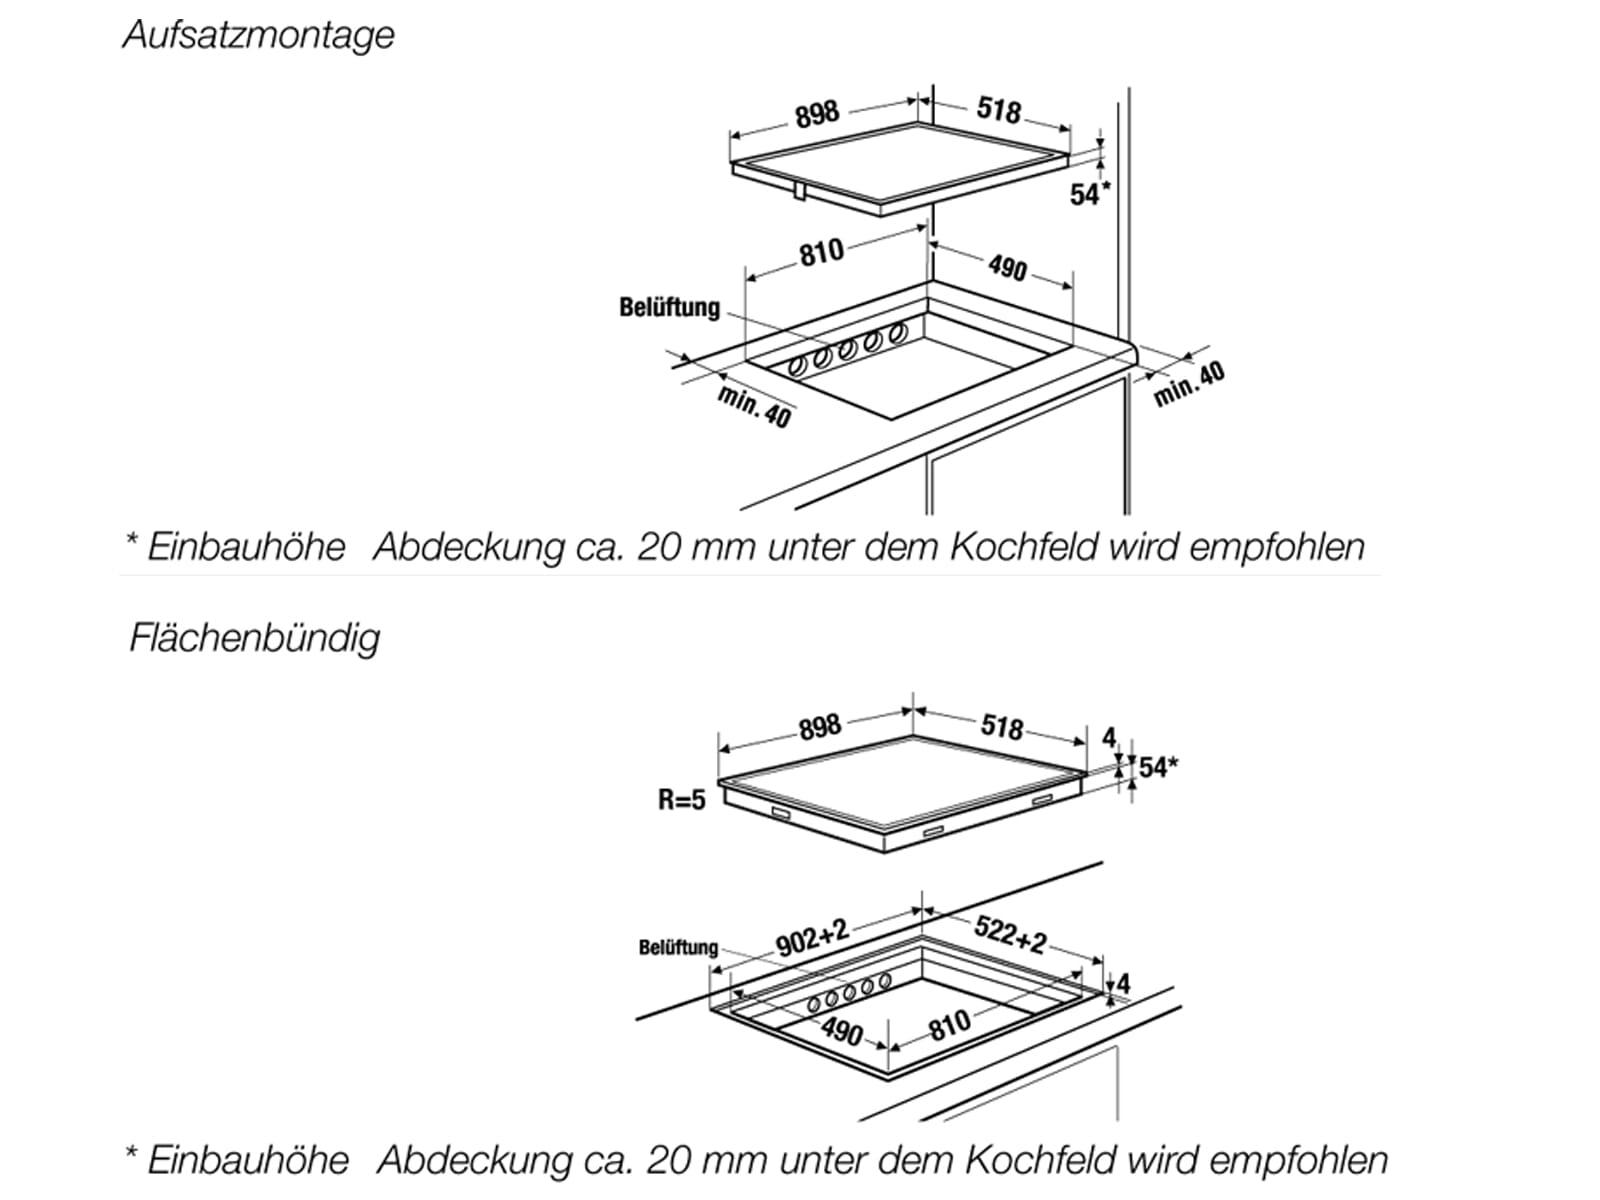 Küppersbusch KI 9560.0 SR K-Series. 5 Induktionskochfeld autark